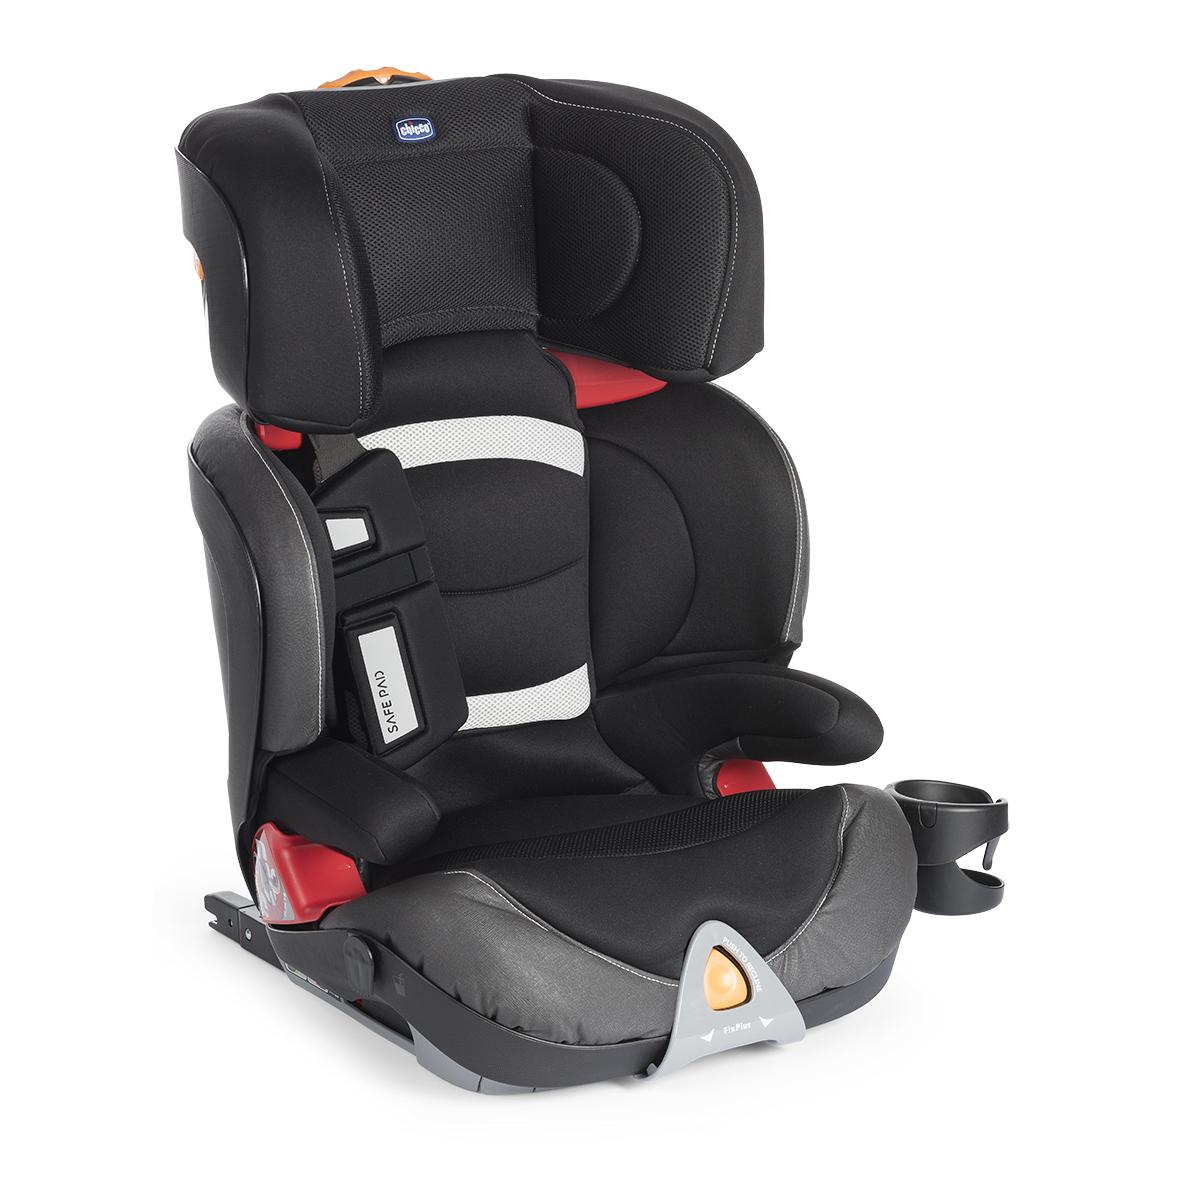 Autosedačka Oasys 2-3 FixPlus Evo - BLACK NIGHT 15-36 kg